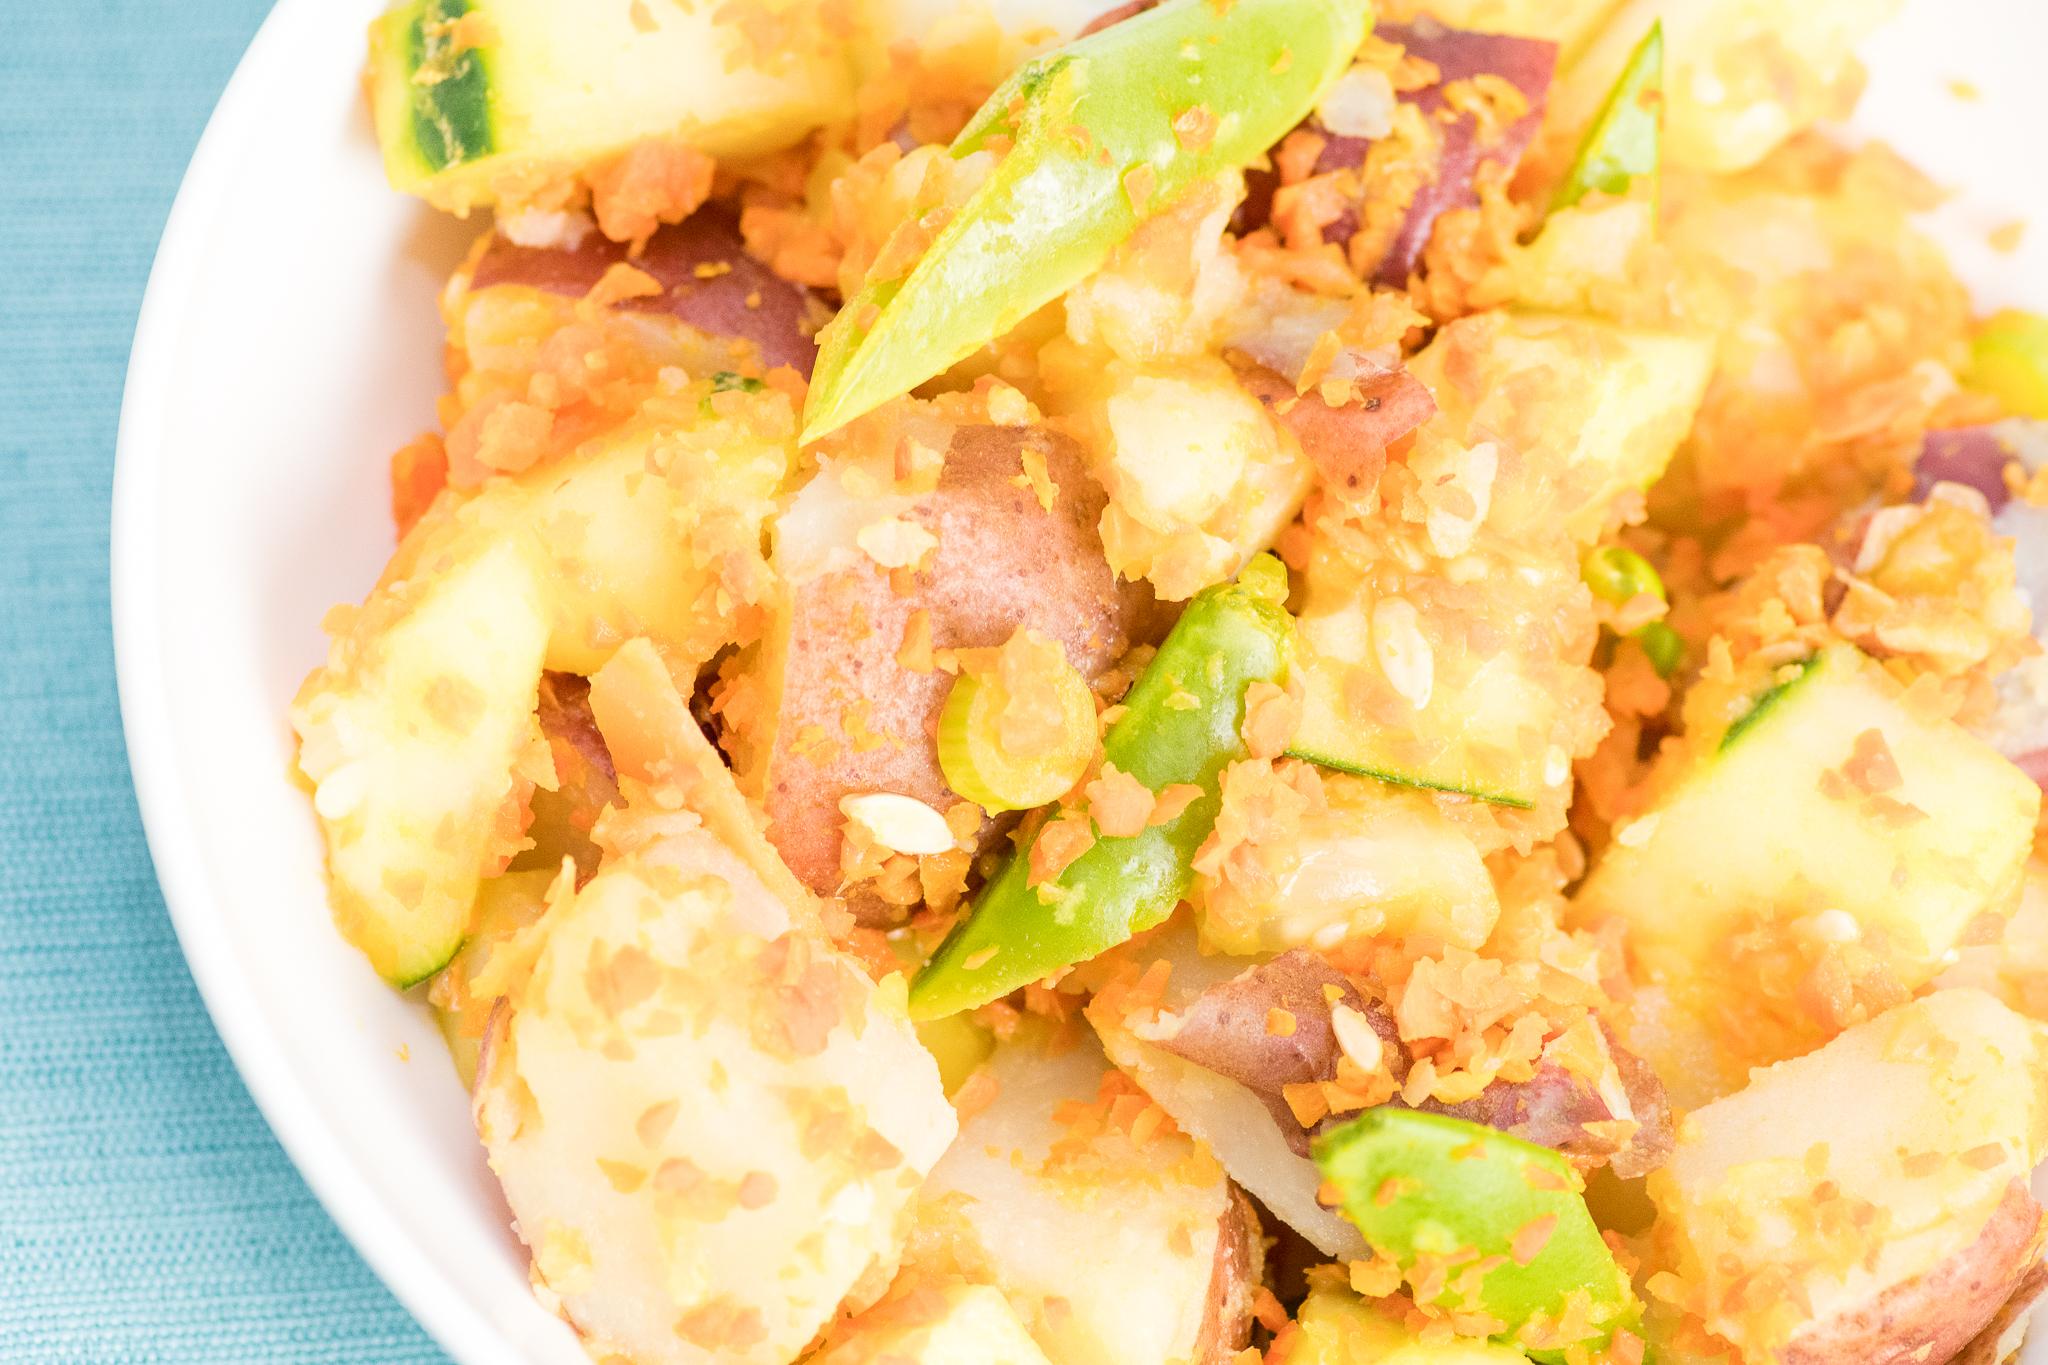 carrot-ginger potato salad2 (1 of 1).jpg